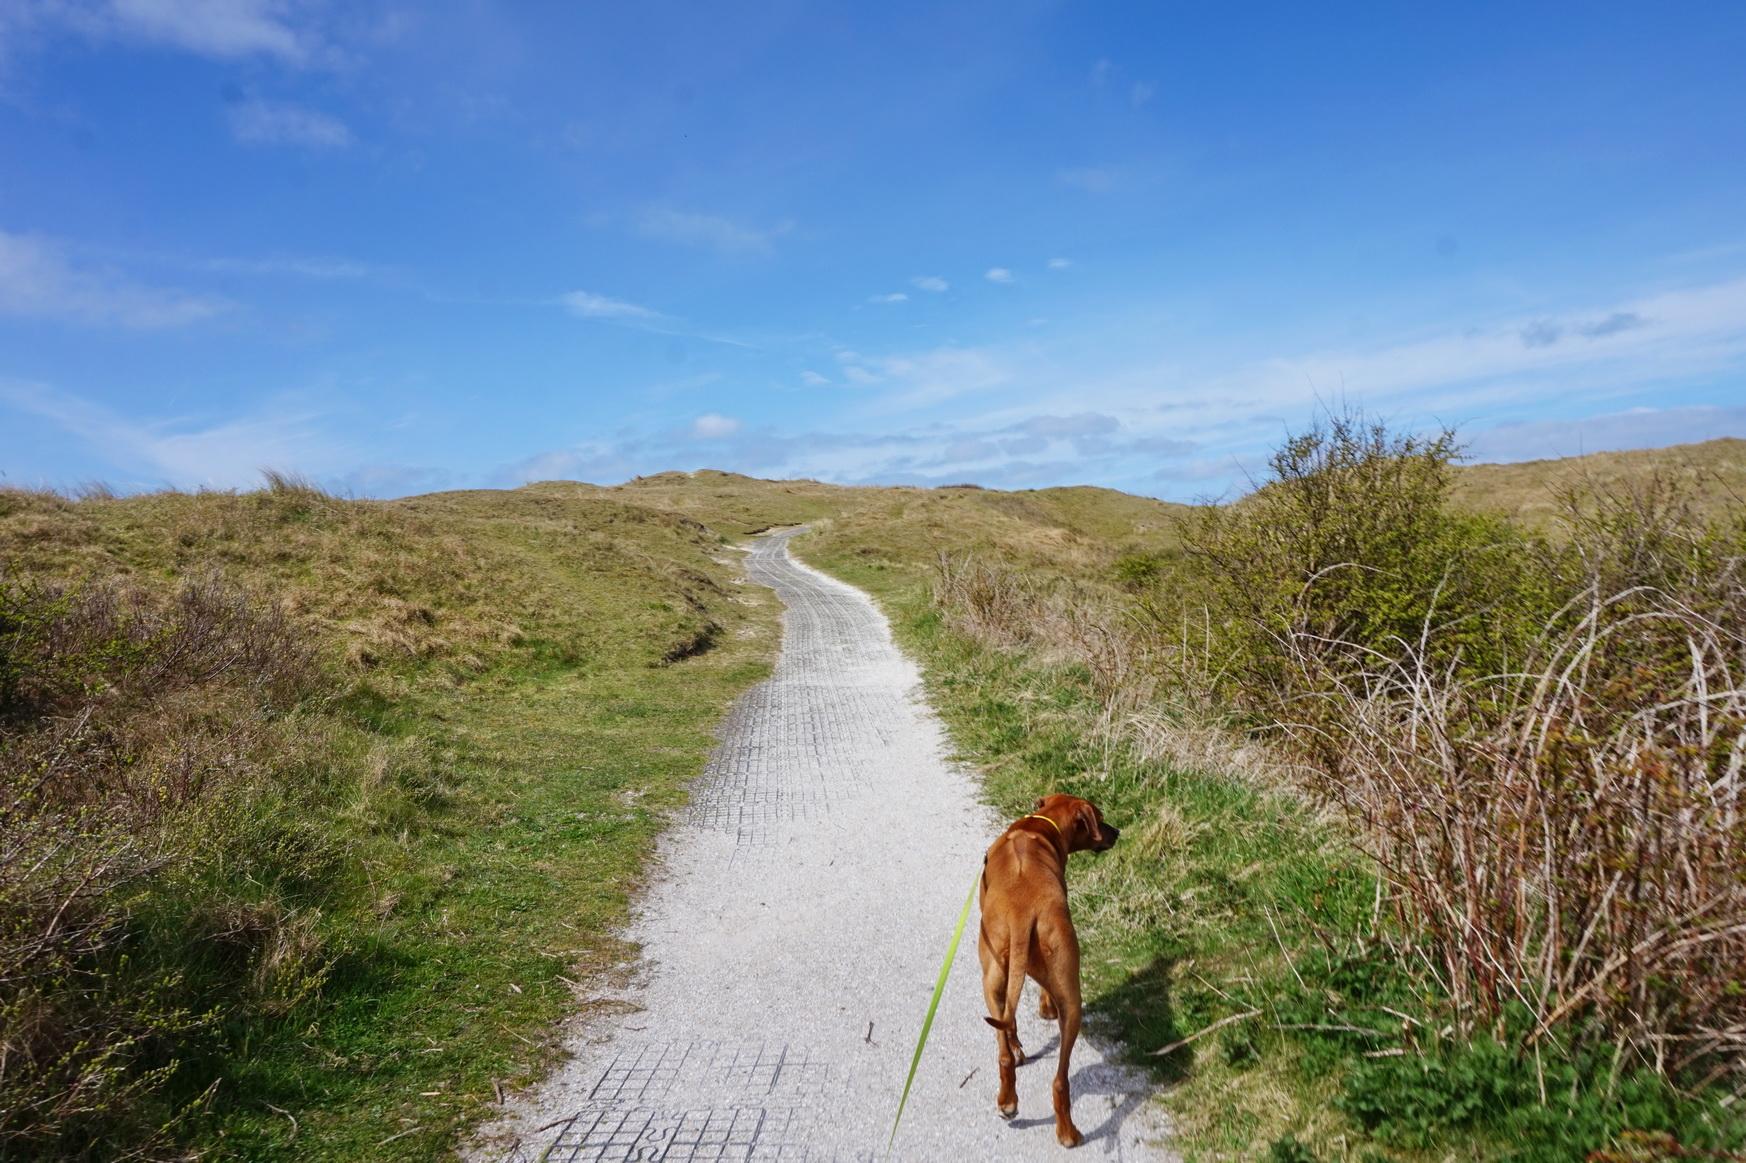 Texel - Strandspaziergang am Leuchtturm 9